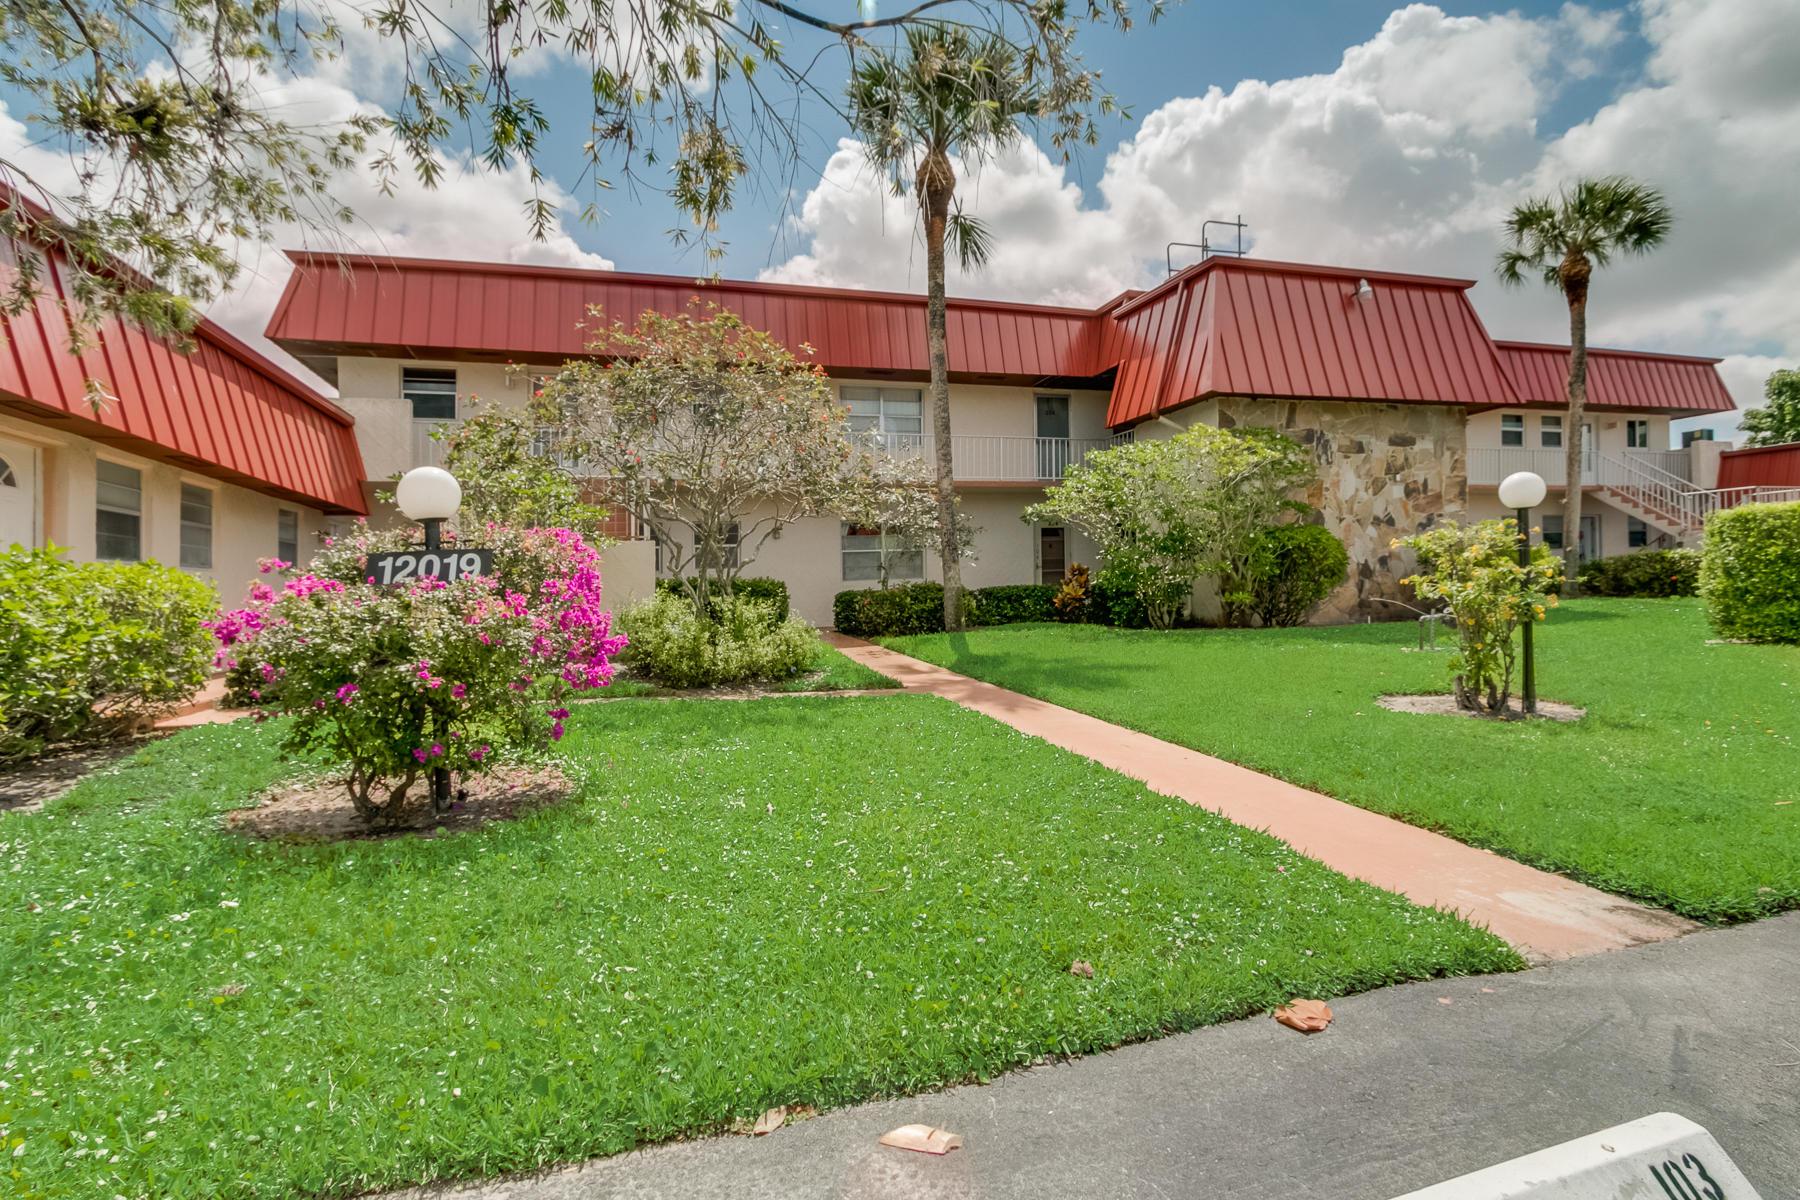 12019 W Greenway Drive 204 Royal Palm Beach, FL 33411